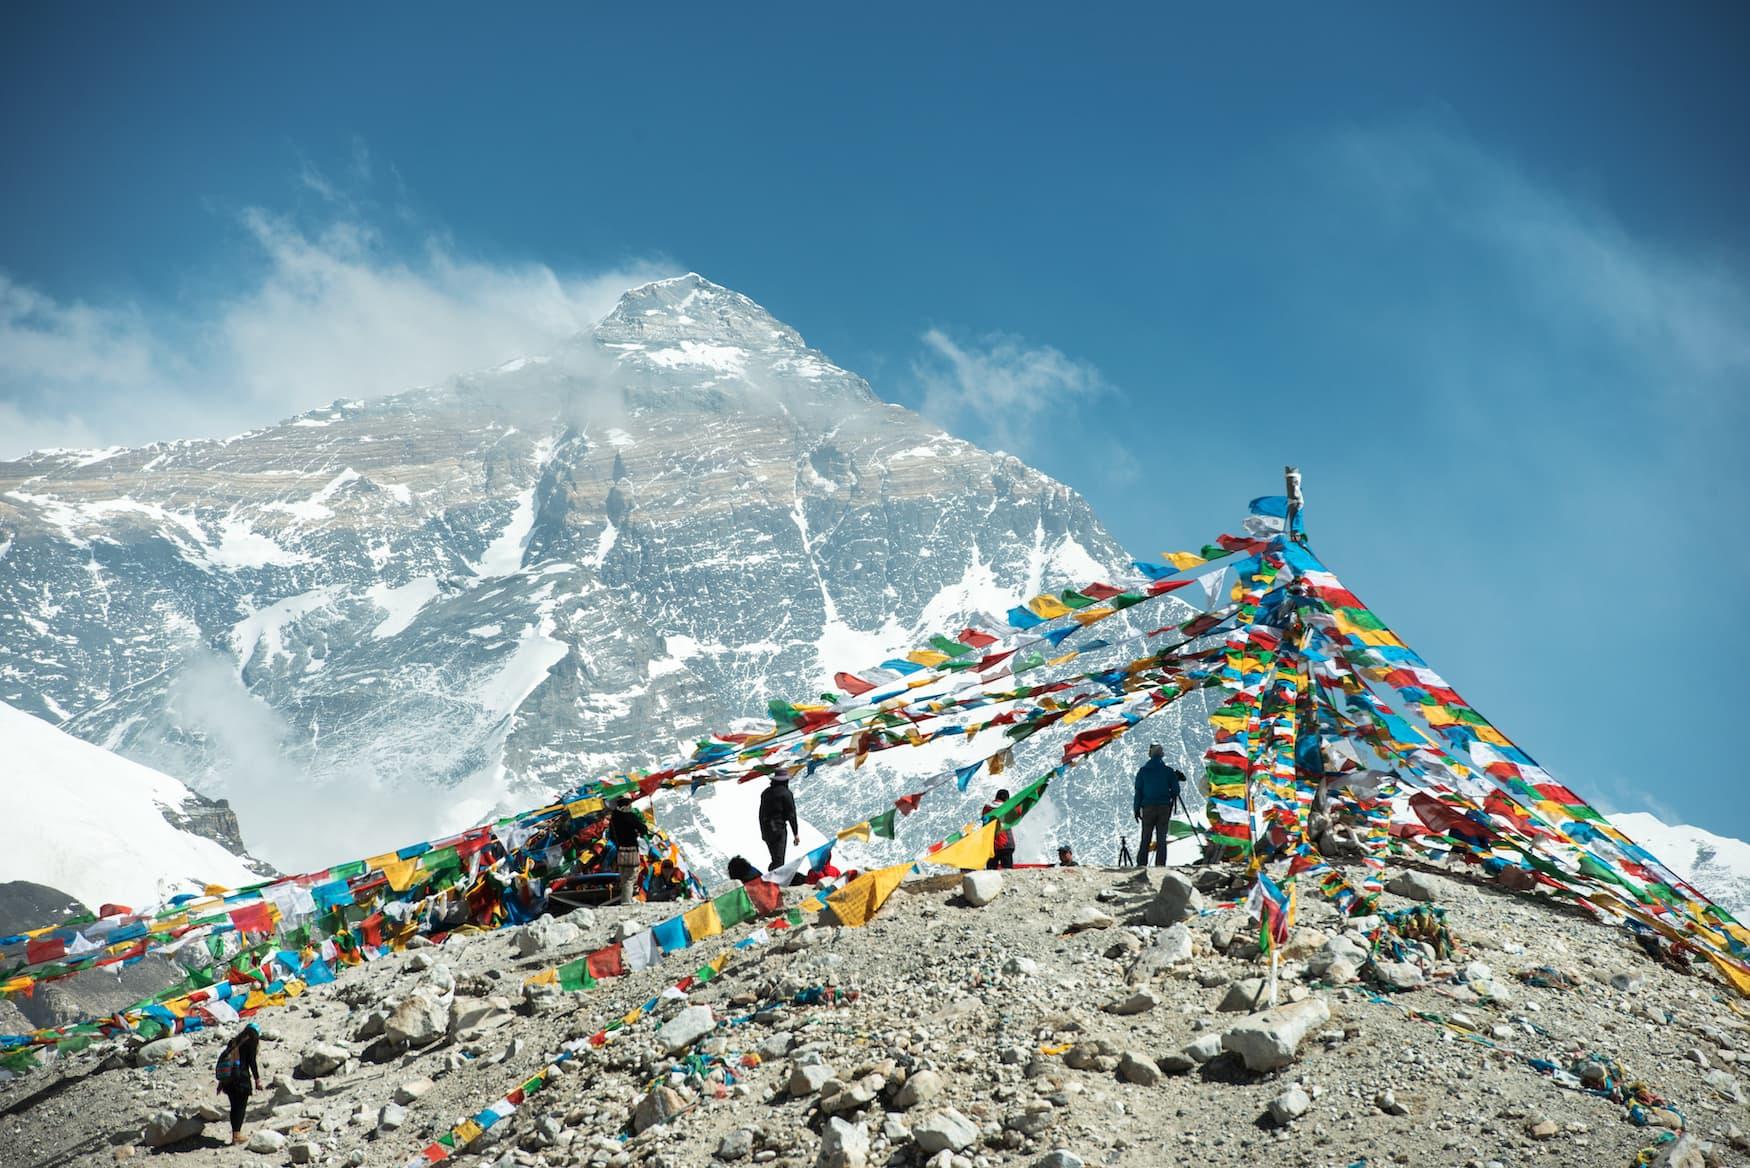 Bergsteiger haben den Gipfel des Mount Everest im Himalaya-Gebirge in Nepal erreicht